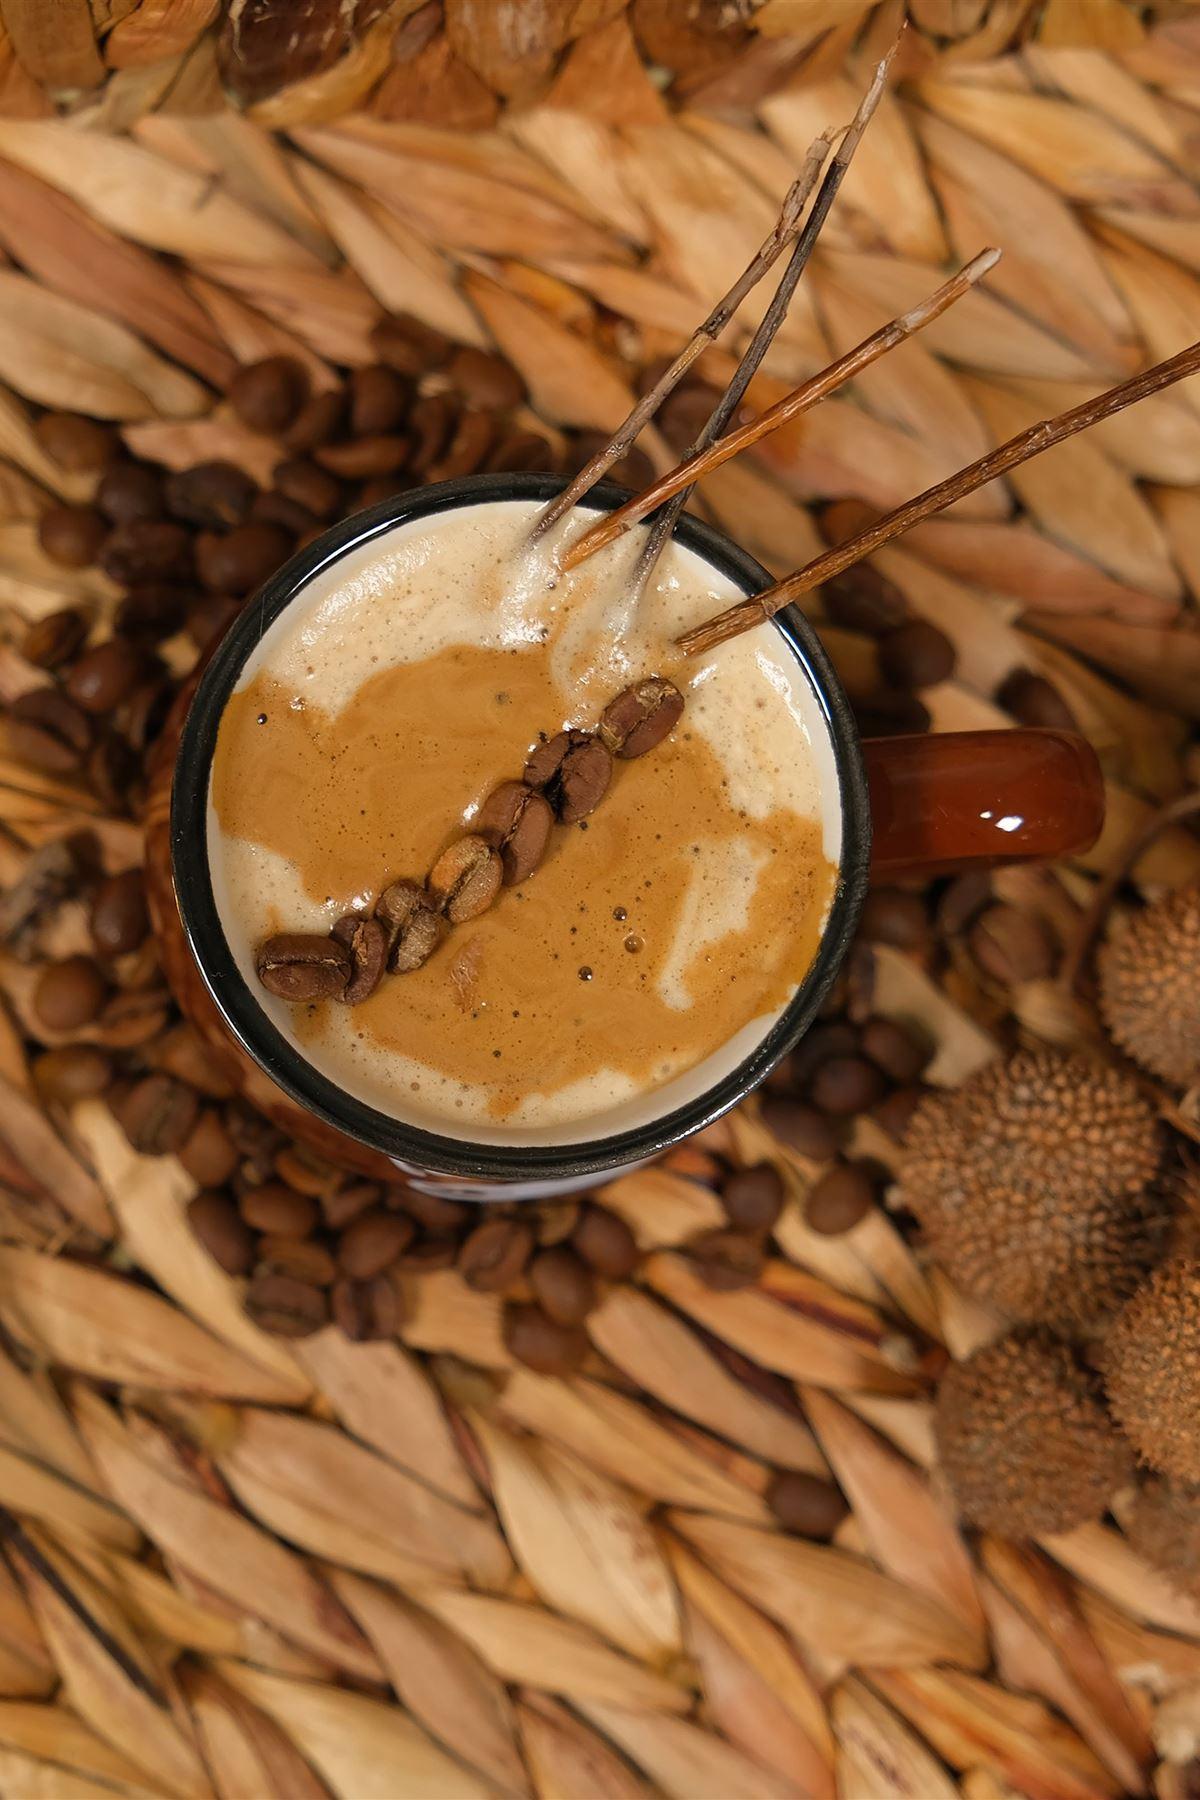 Renkli Kupa Kahve - 4944.1342.